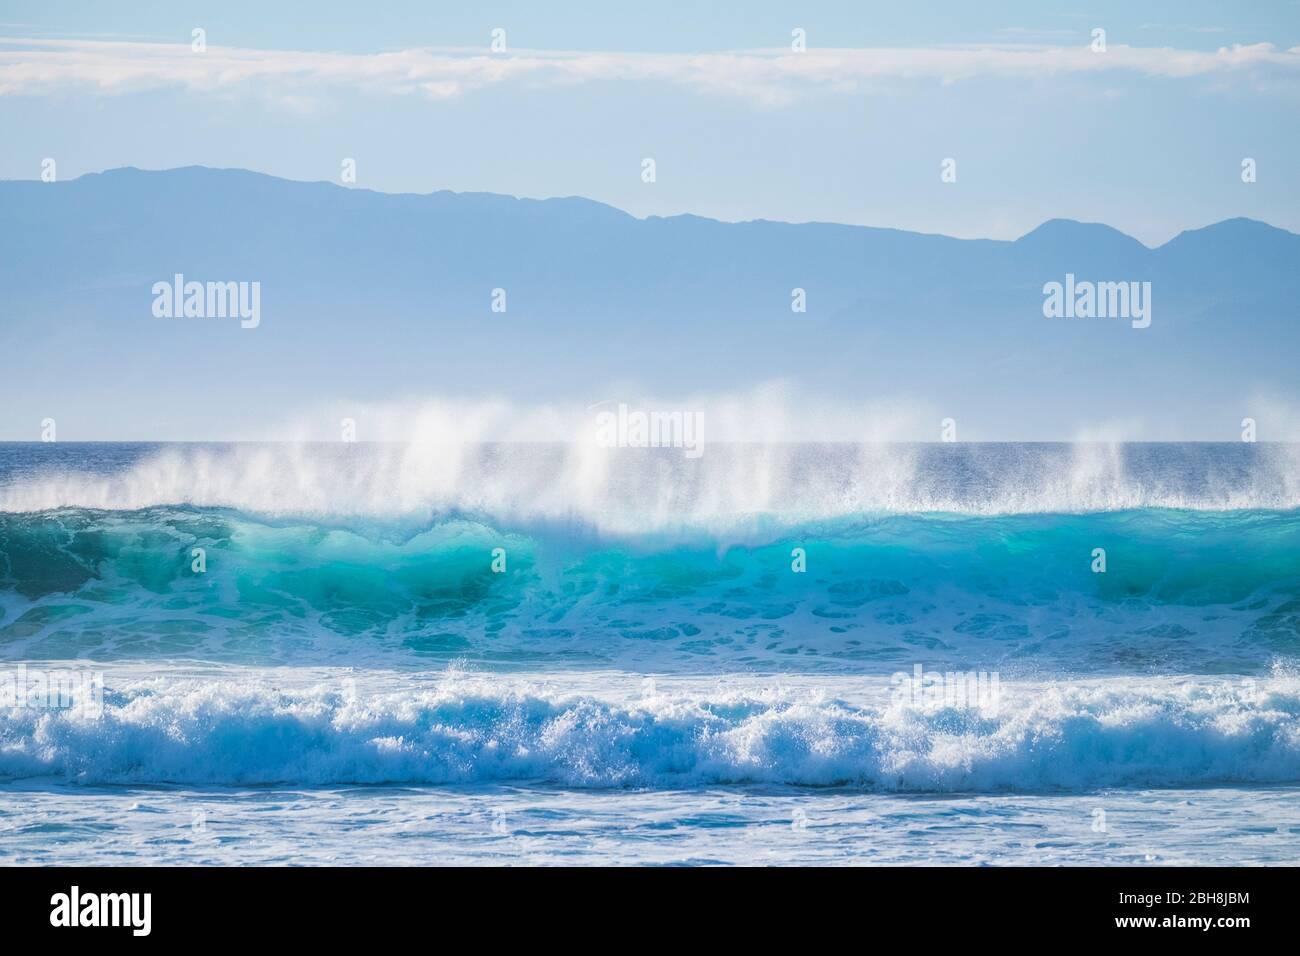 Magnifique spectacle naturel avec vagues de puissance qui se brisent sur la rive avec de l'énergie - parfait pour les activités de surf et les sports nautiques. Île tropicale sur le fond pour les vacances et les loisirs concept Banque D'Images